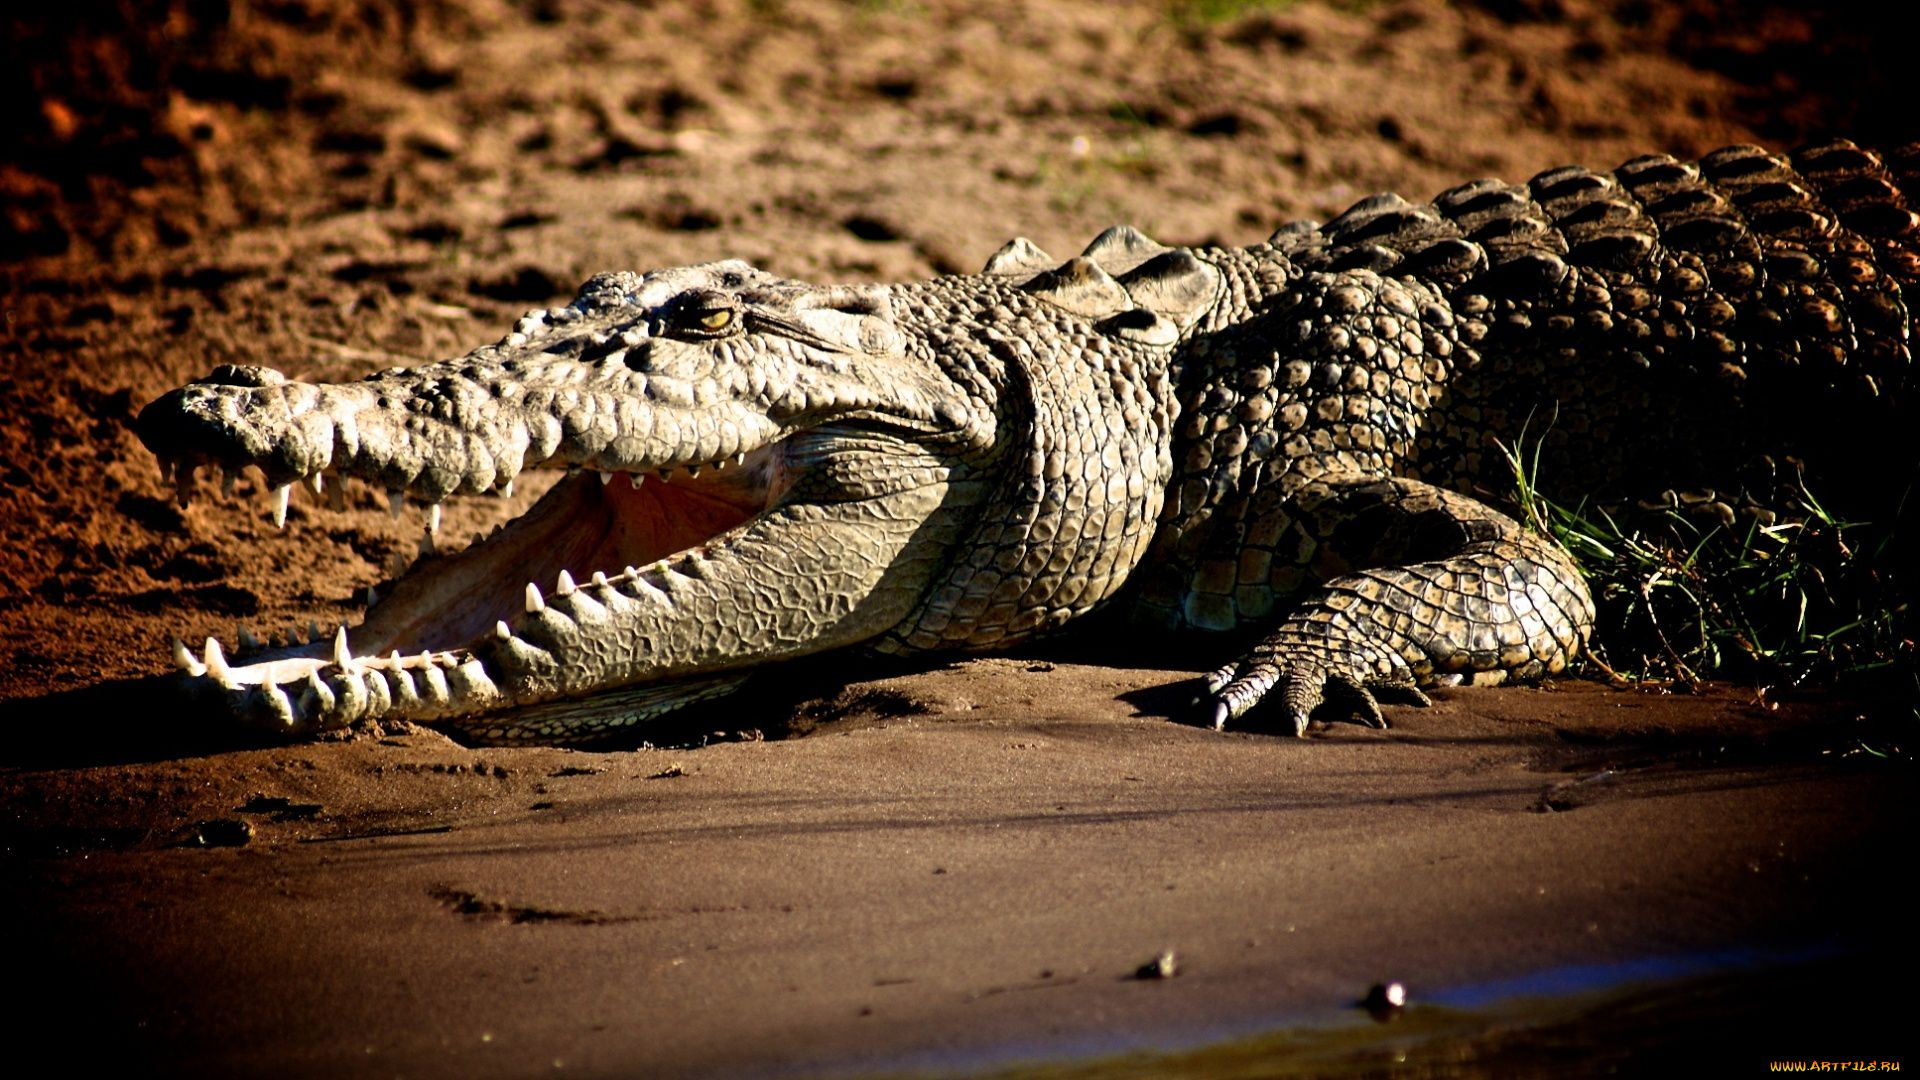 Crocodile Caiman Photos